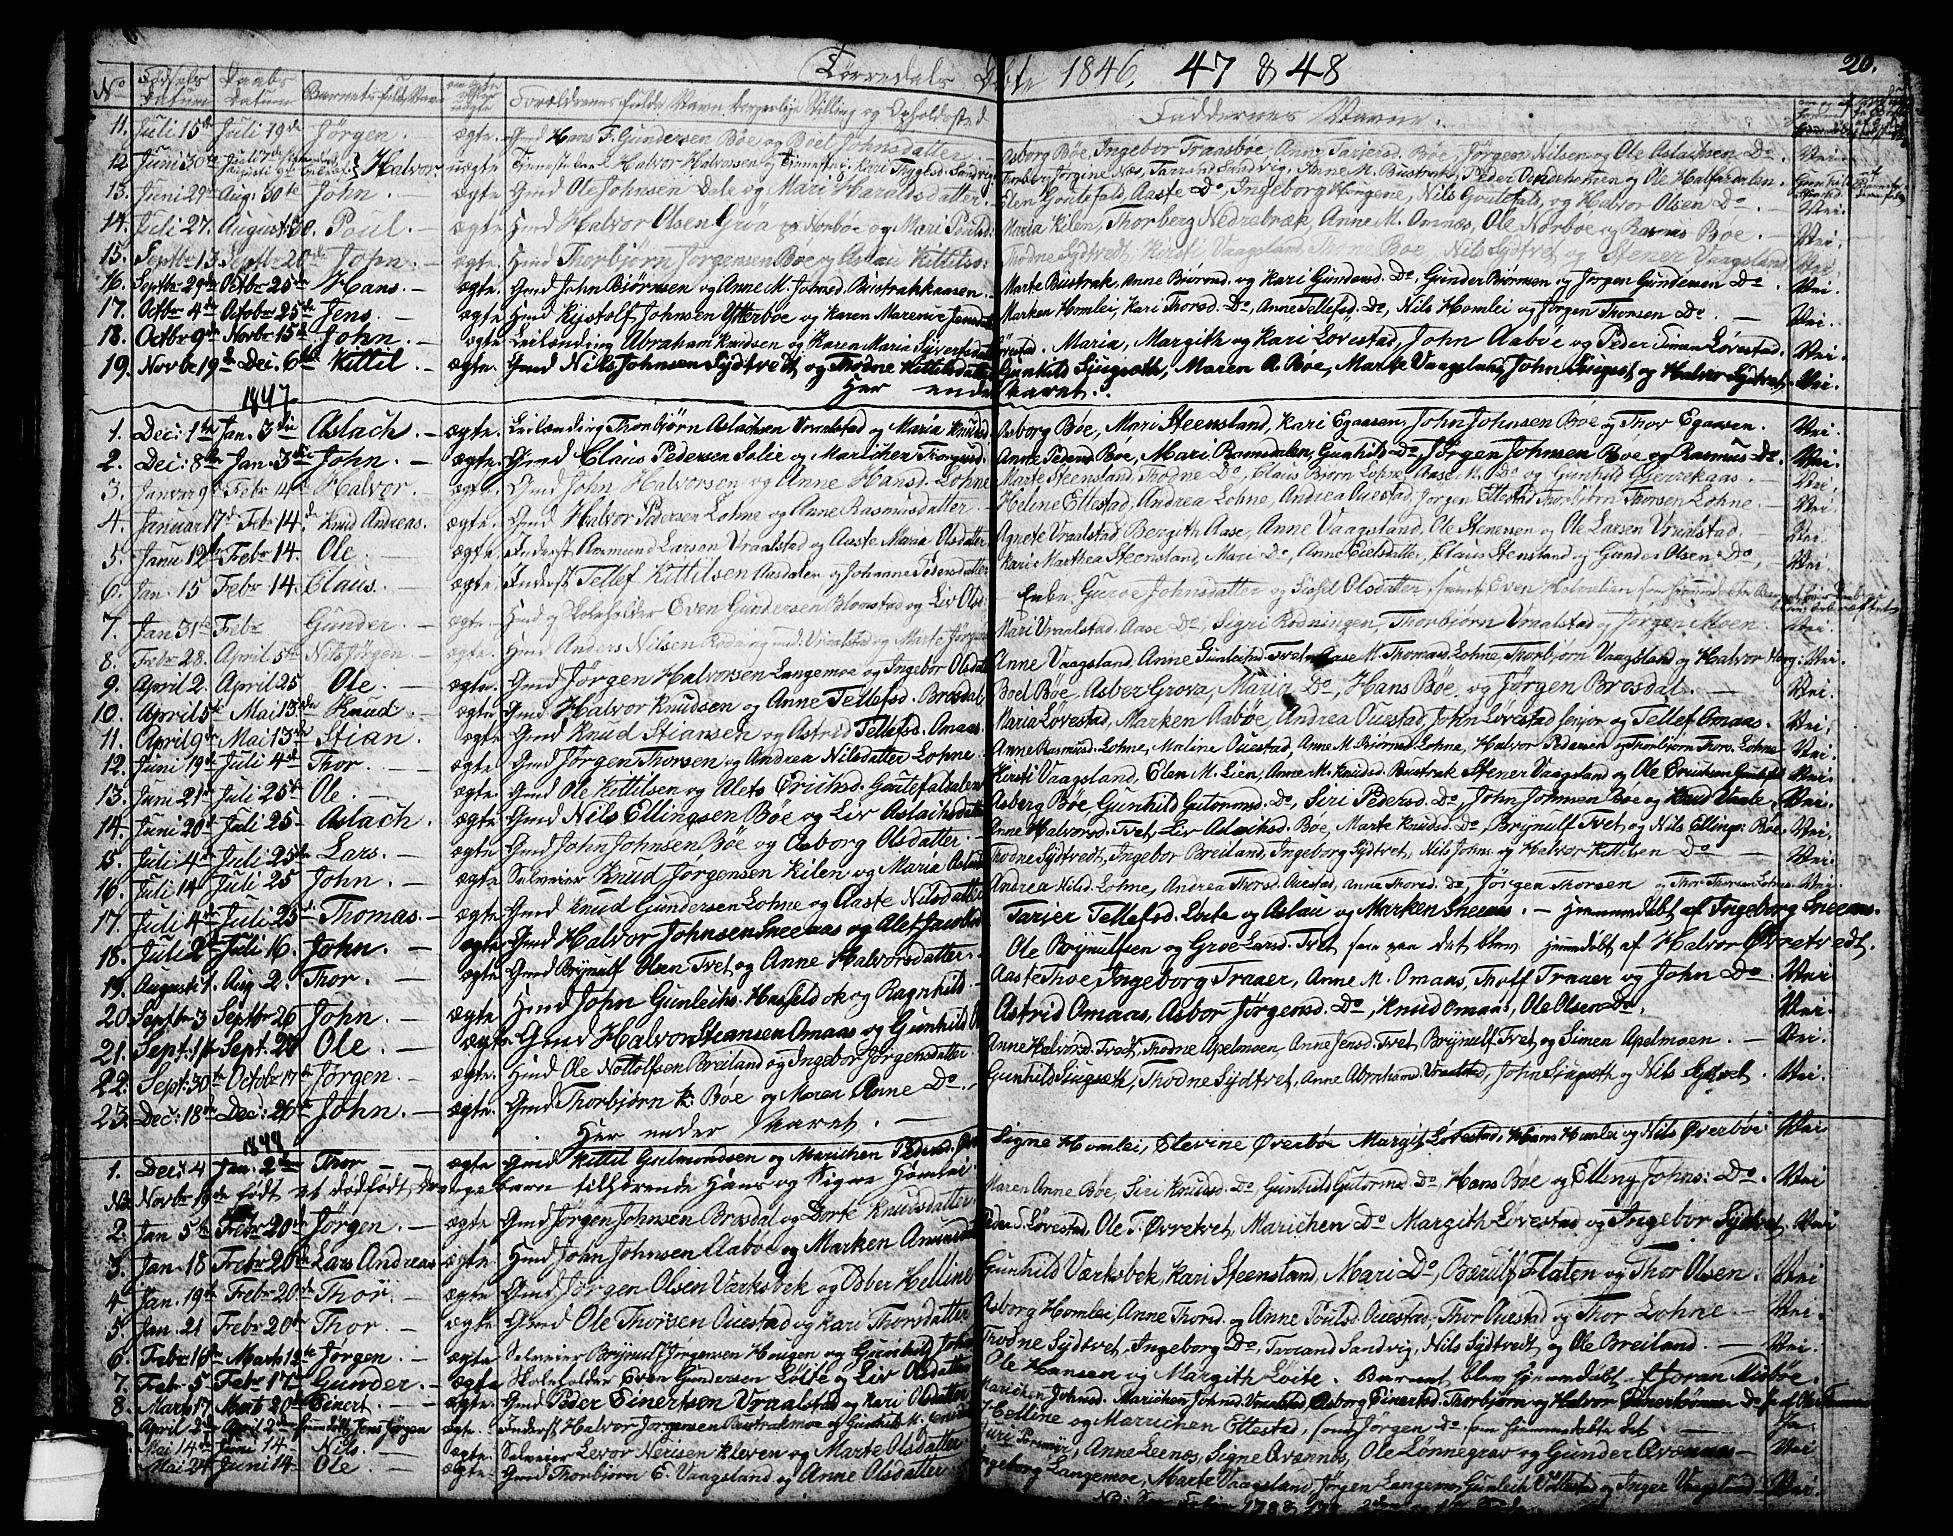 SAKO, Drangedal kirkebøker, G/Ga/L0001: Klokkerbok nr. I 1 /2, 1814-1856, s. 20